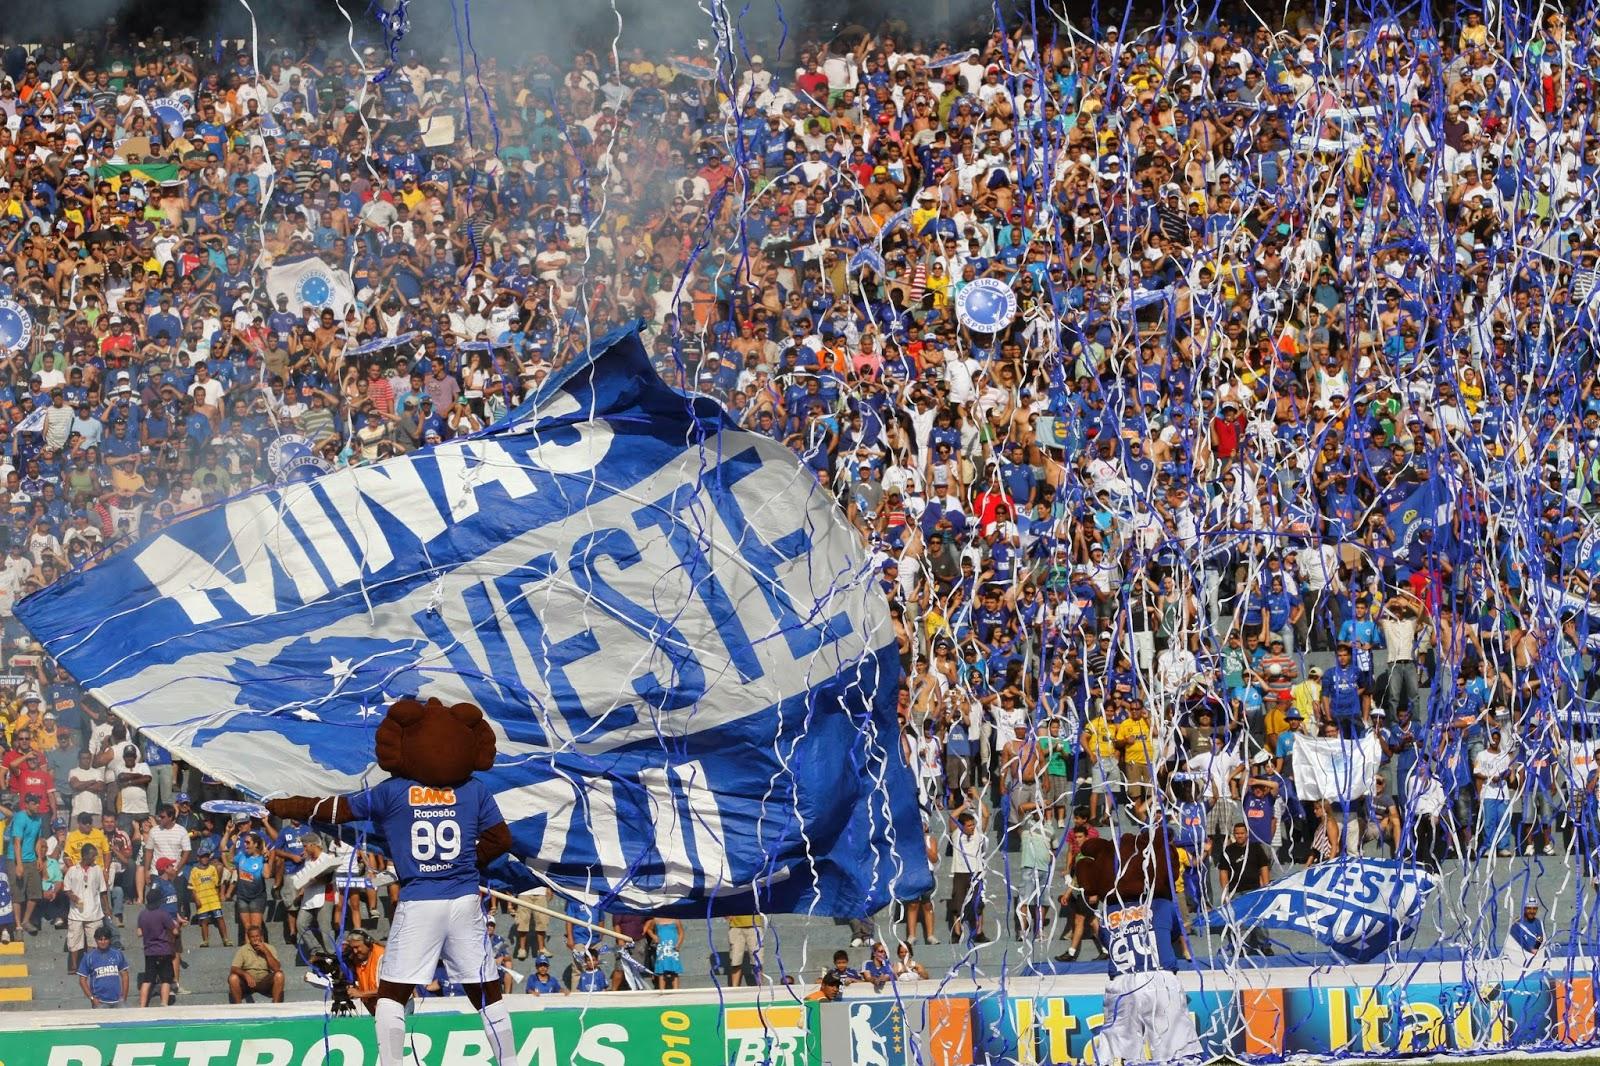 Torcida do Cruzeiro com bandeira e mascote Raposa